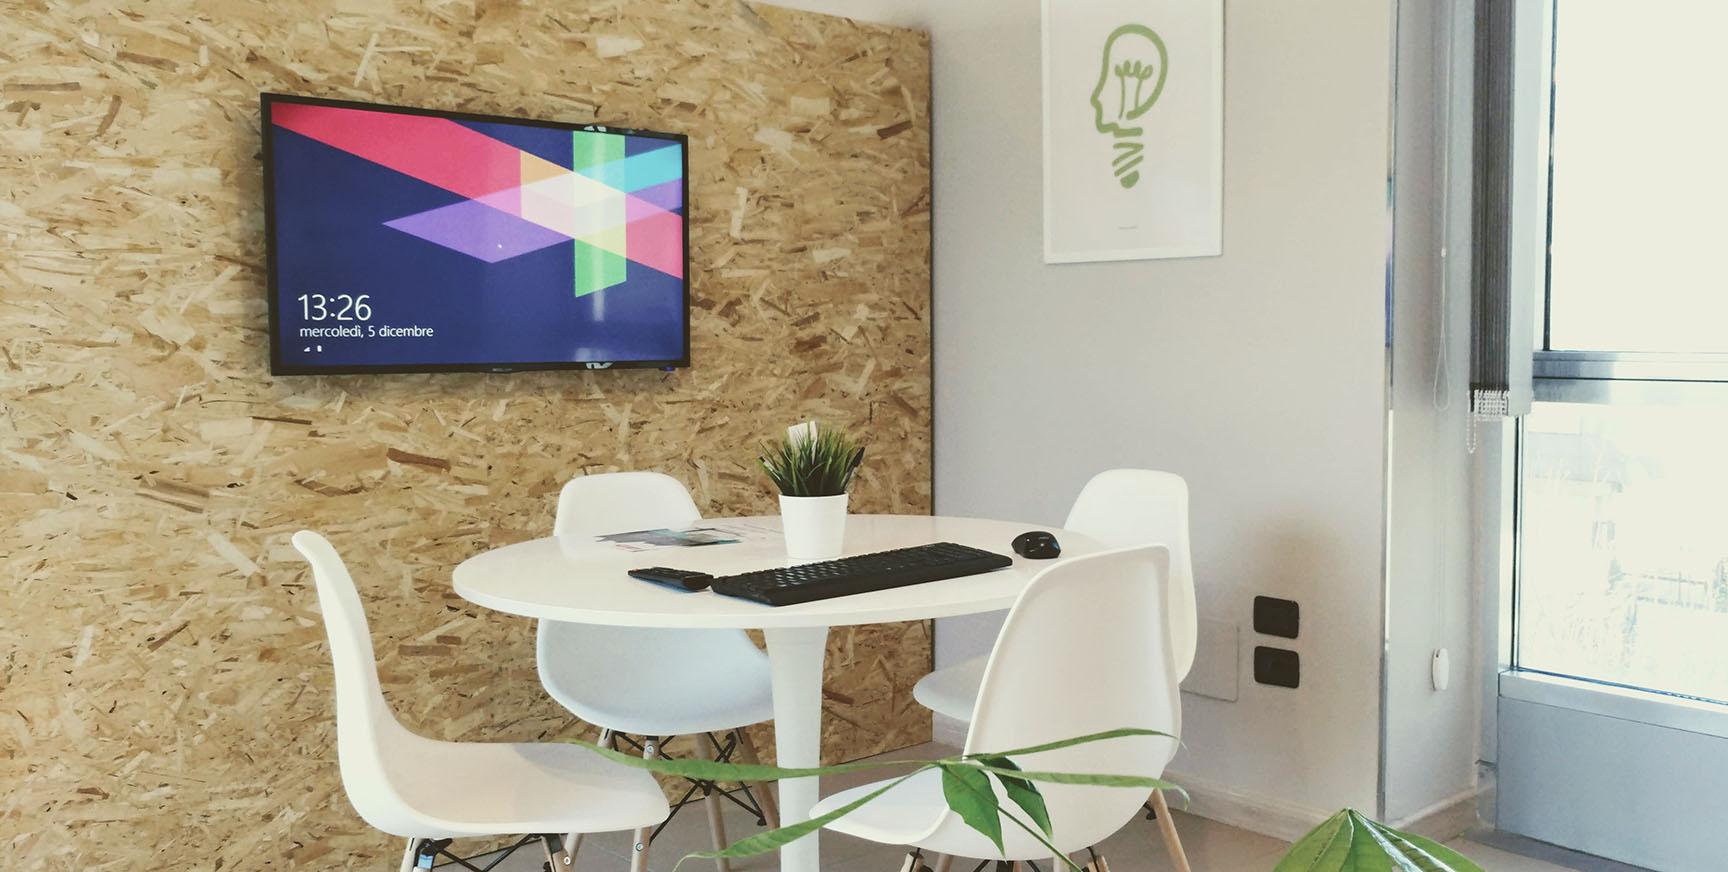 ufficio web agency napoli